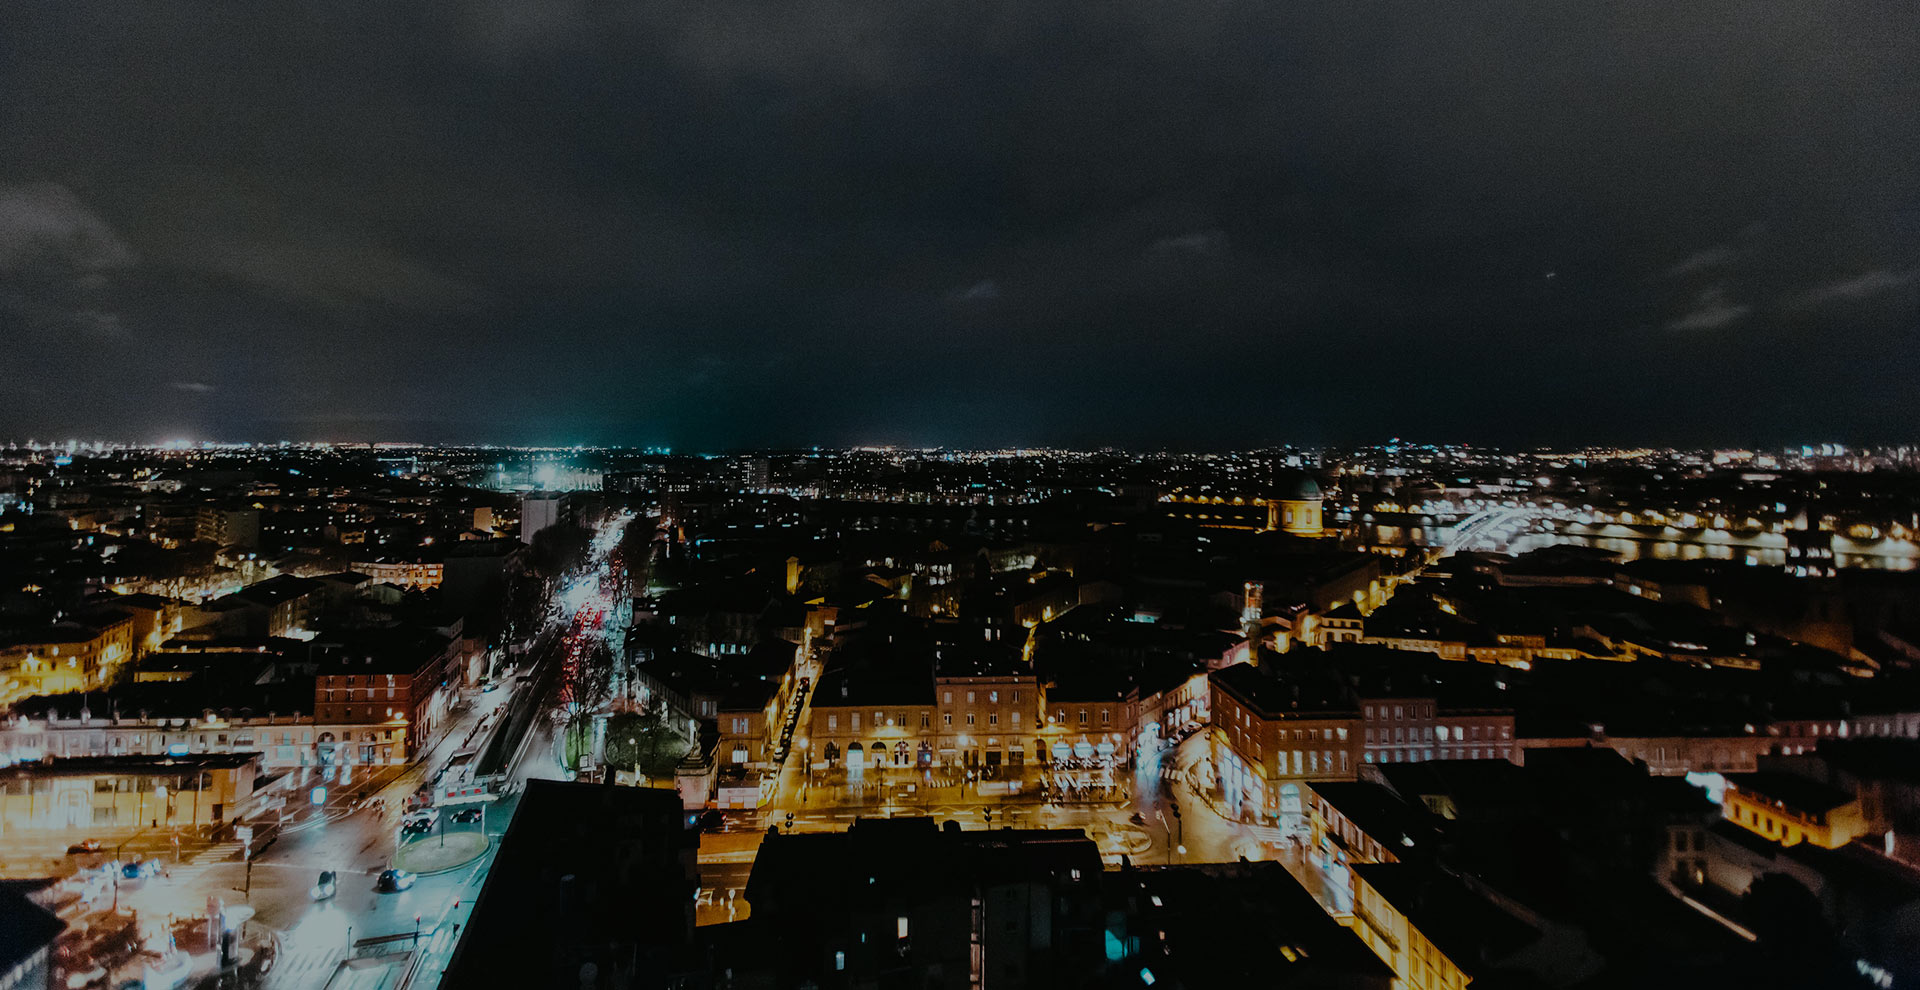 Séjour et nuit romantiques insolite à Toulouse Parenthèse Concept Room